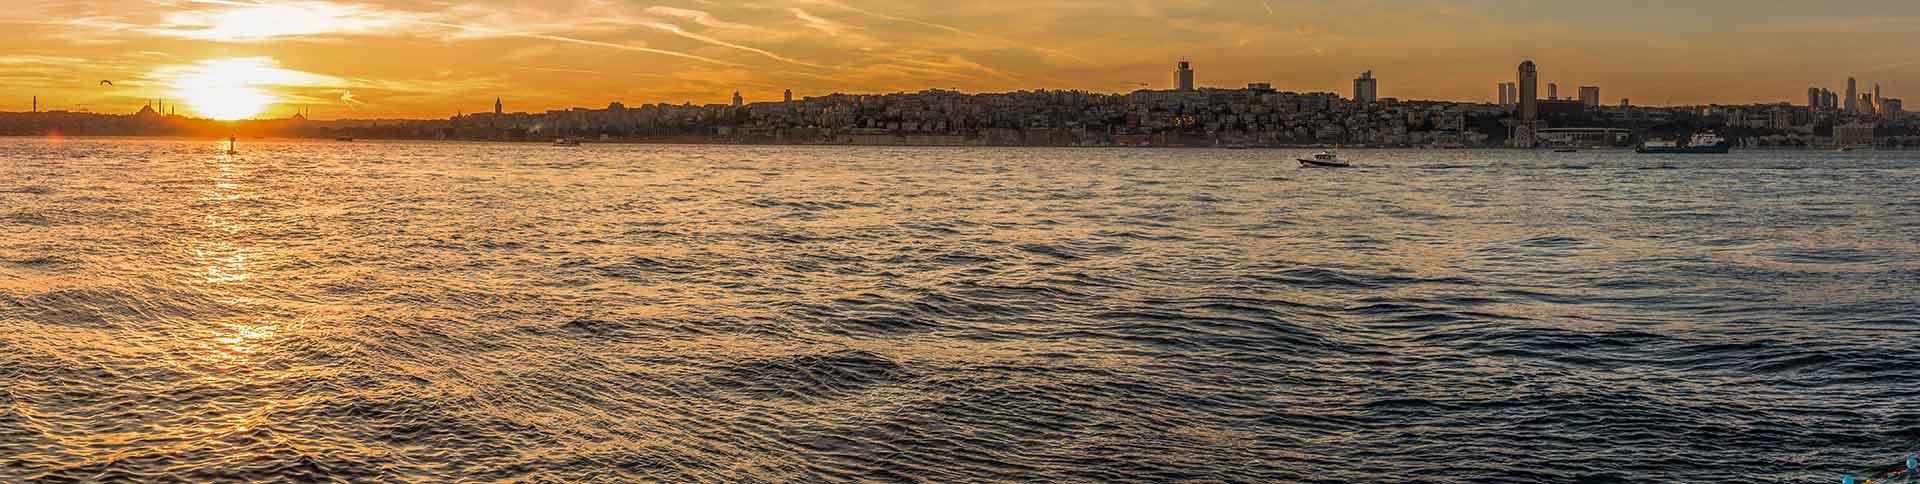 伊斯坦布尔房地产 土耳其房地产 土耳其国籍   MELARES